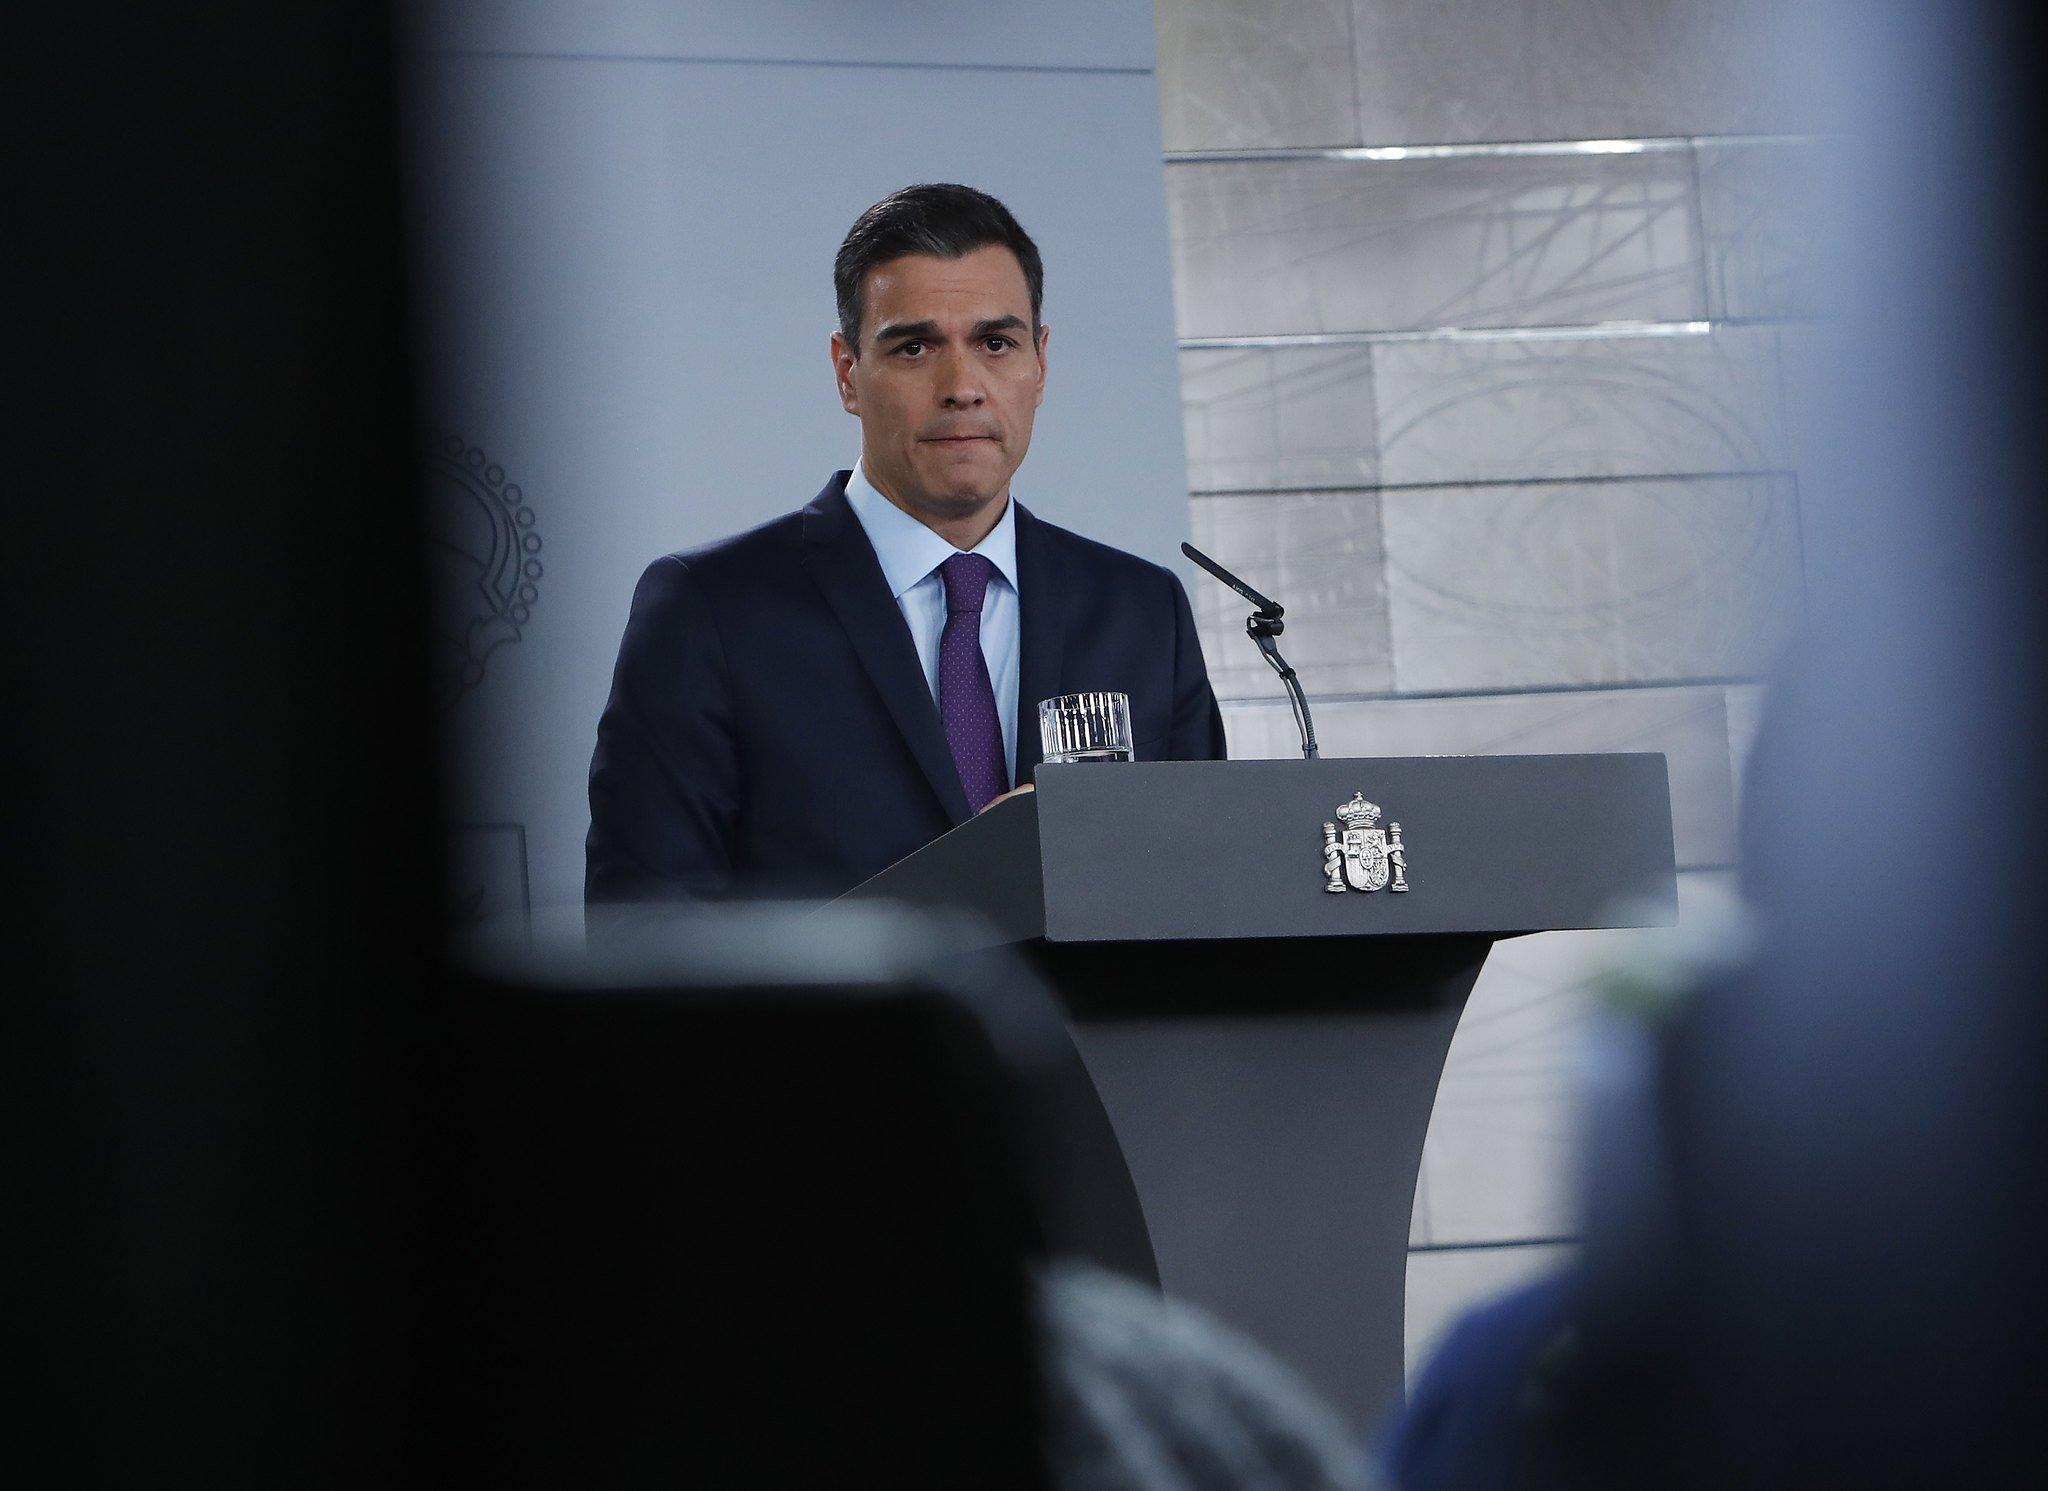 Vuelve el plasma, ahora con Pedro Sánchez: la rueda de prensa del Consejo de Ministros será telemática